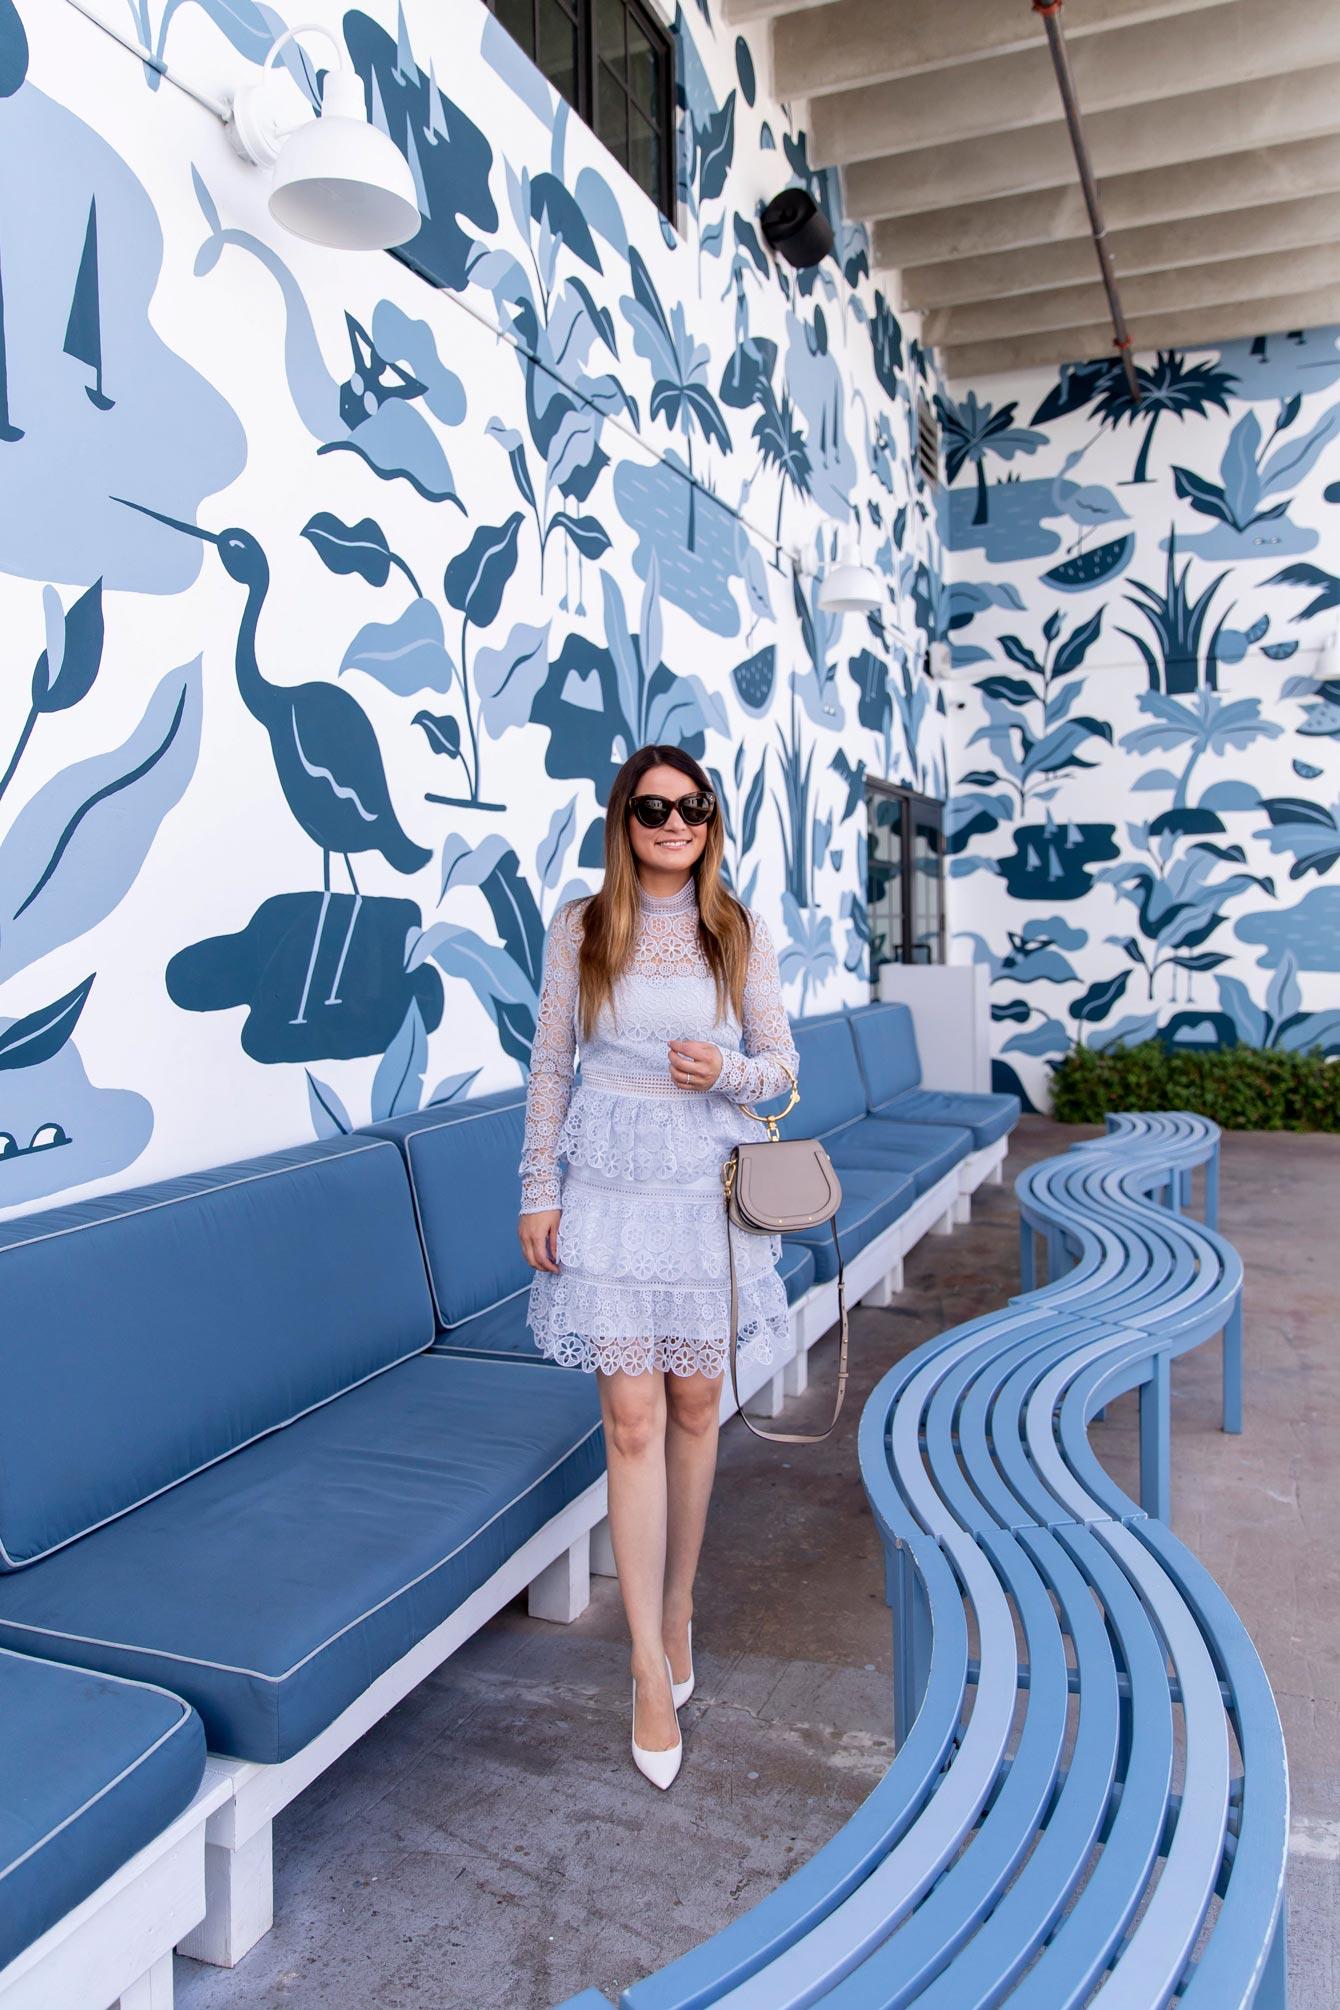 West Palm Beach Blue Mural